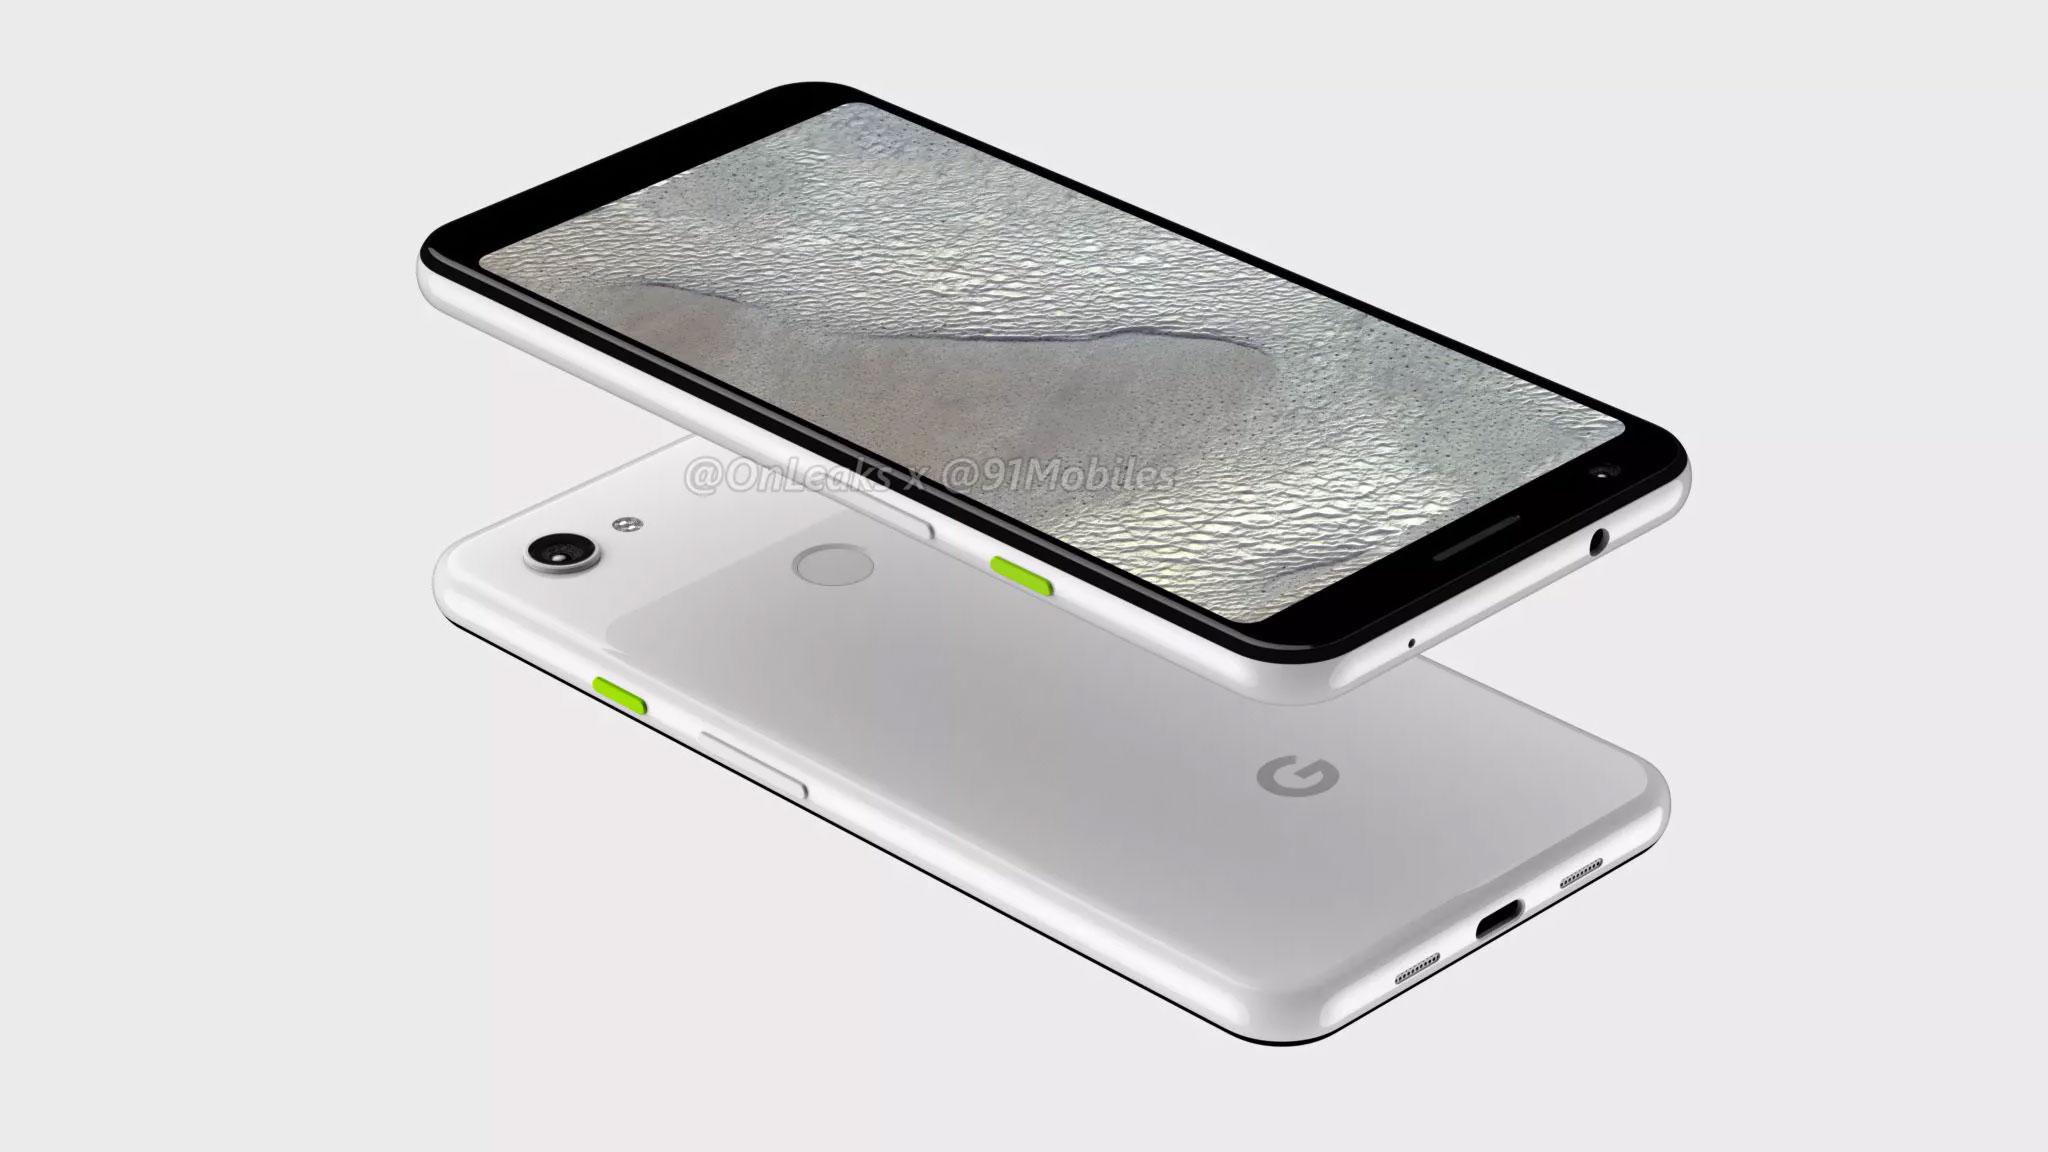 بنچمارک گوگل پیکسل ۴ با اندروید ۱۰ و ۲ گیگابایت حافظه رم دیده شد